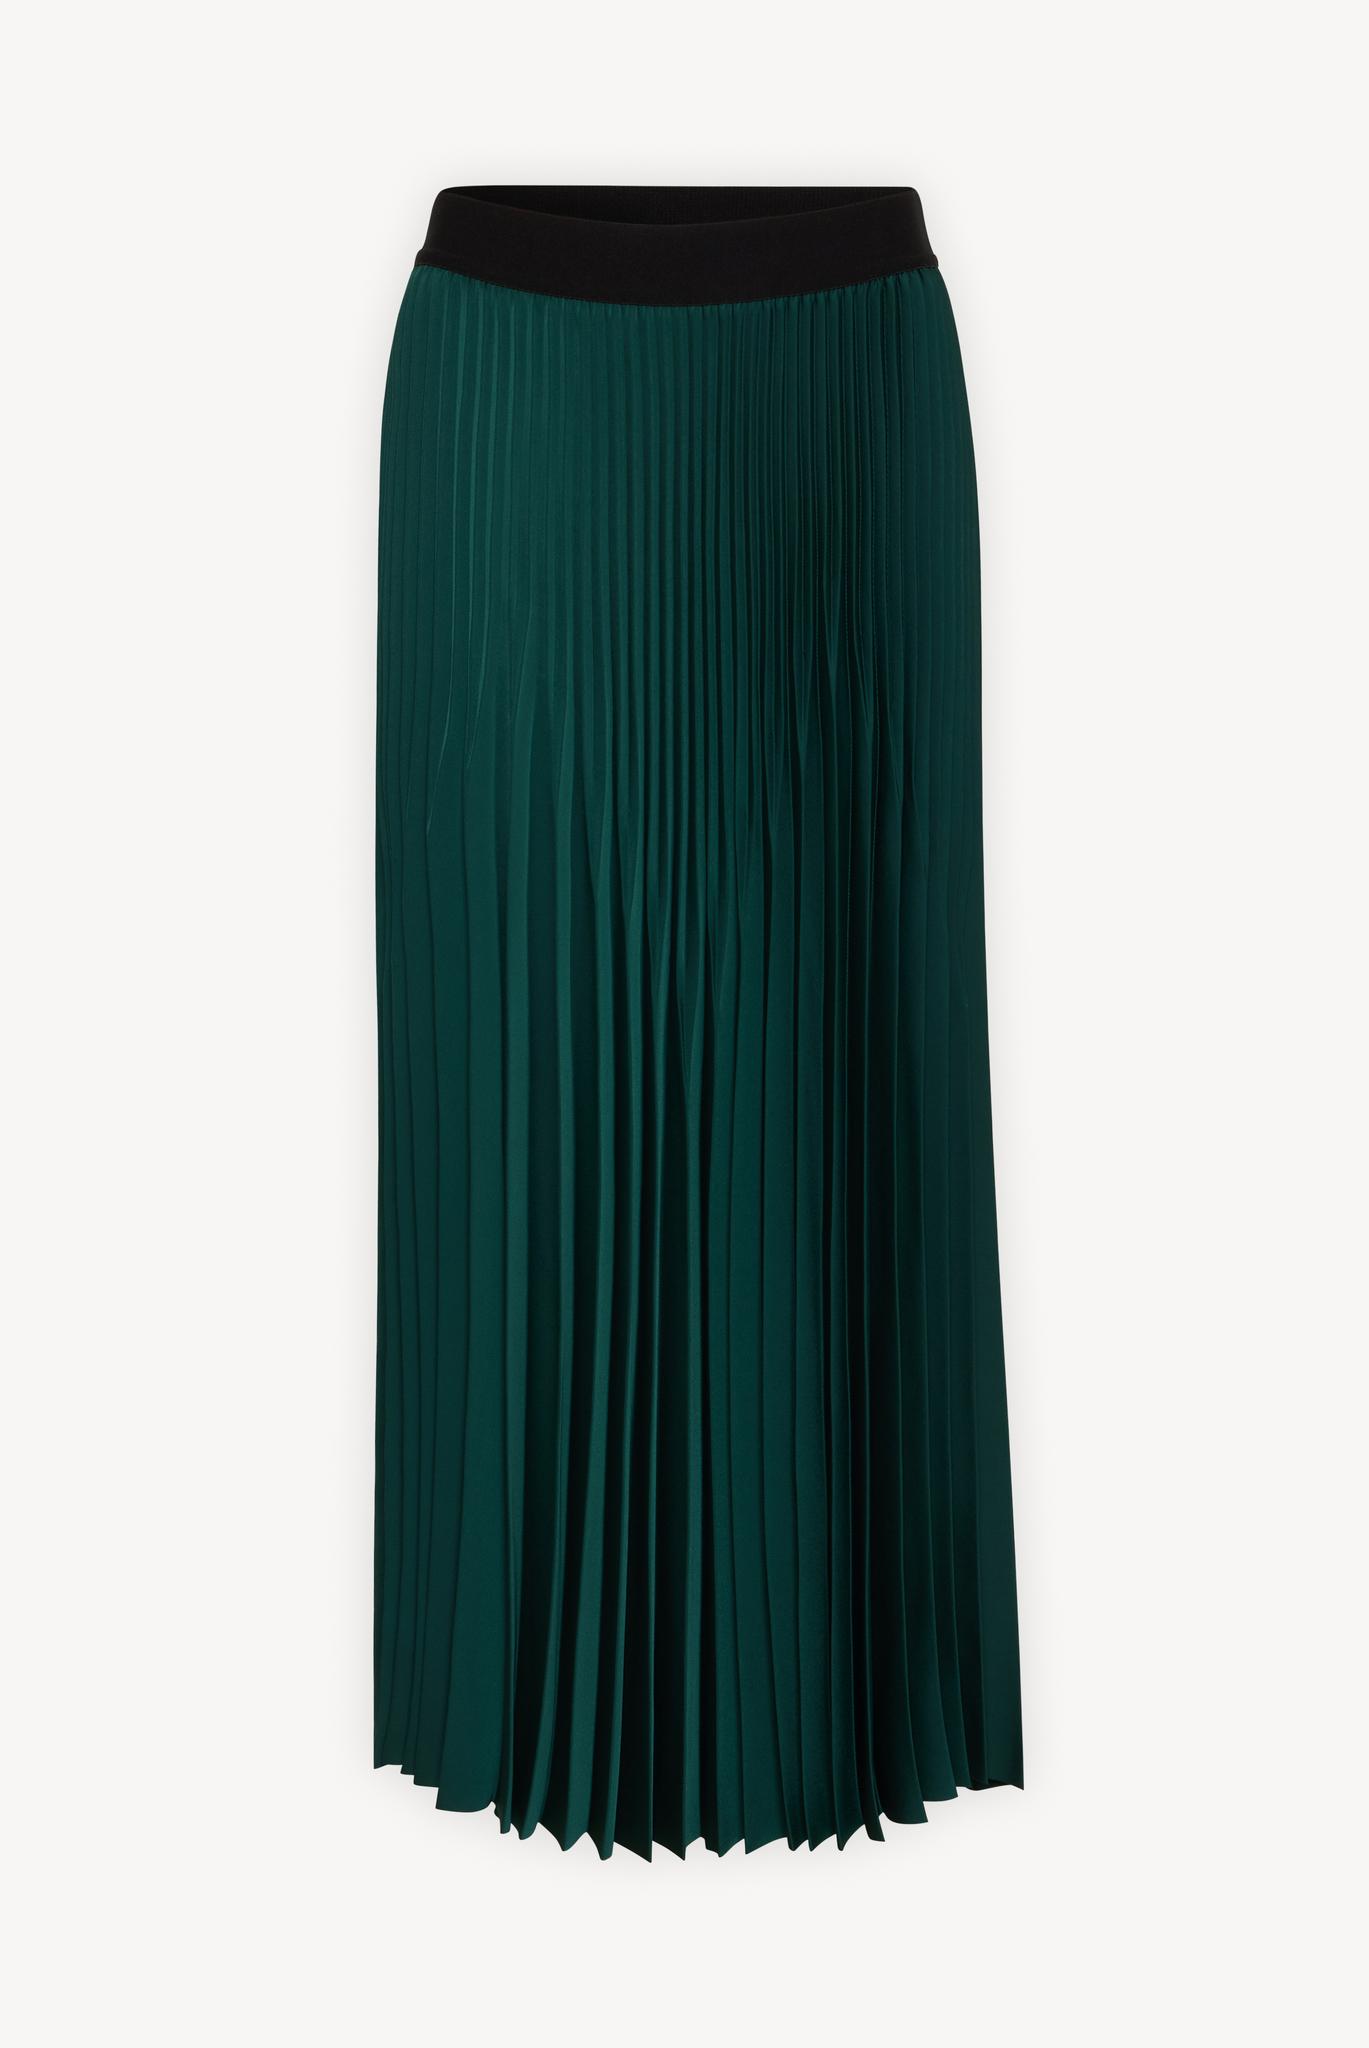 BRUNE - Плиссированная юбка средней длины